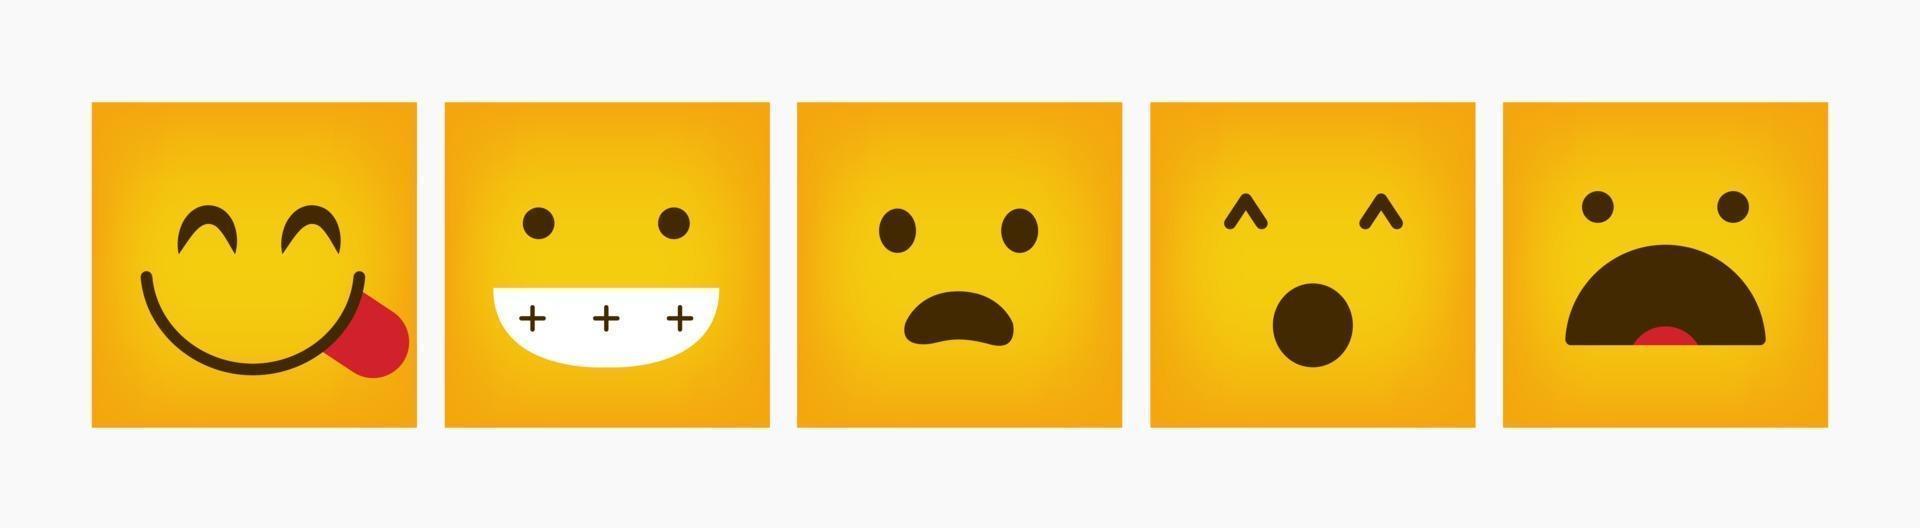 set quadrato di emoticon di reazione di progettazione - vettore